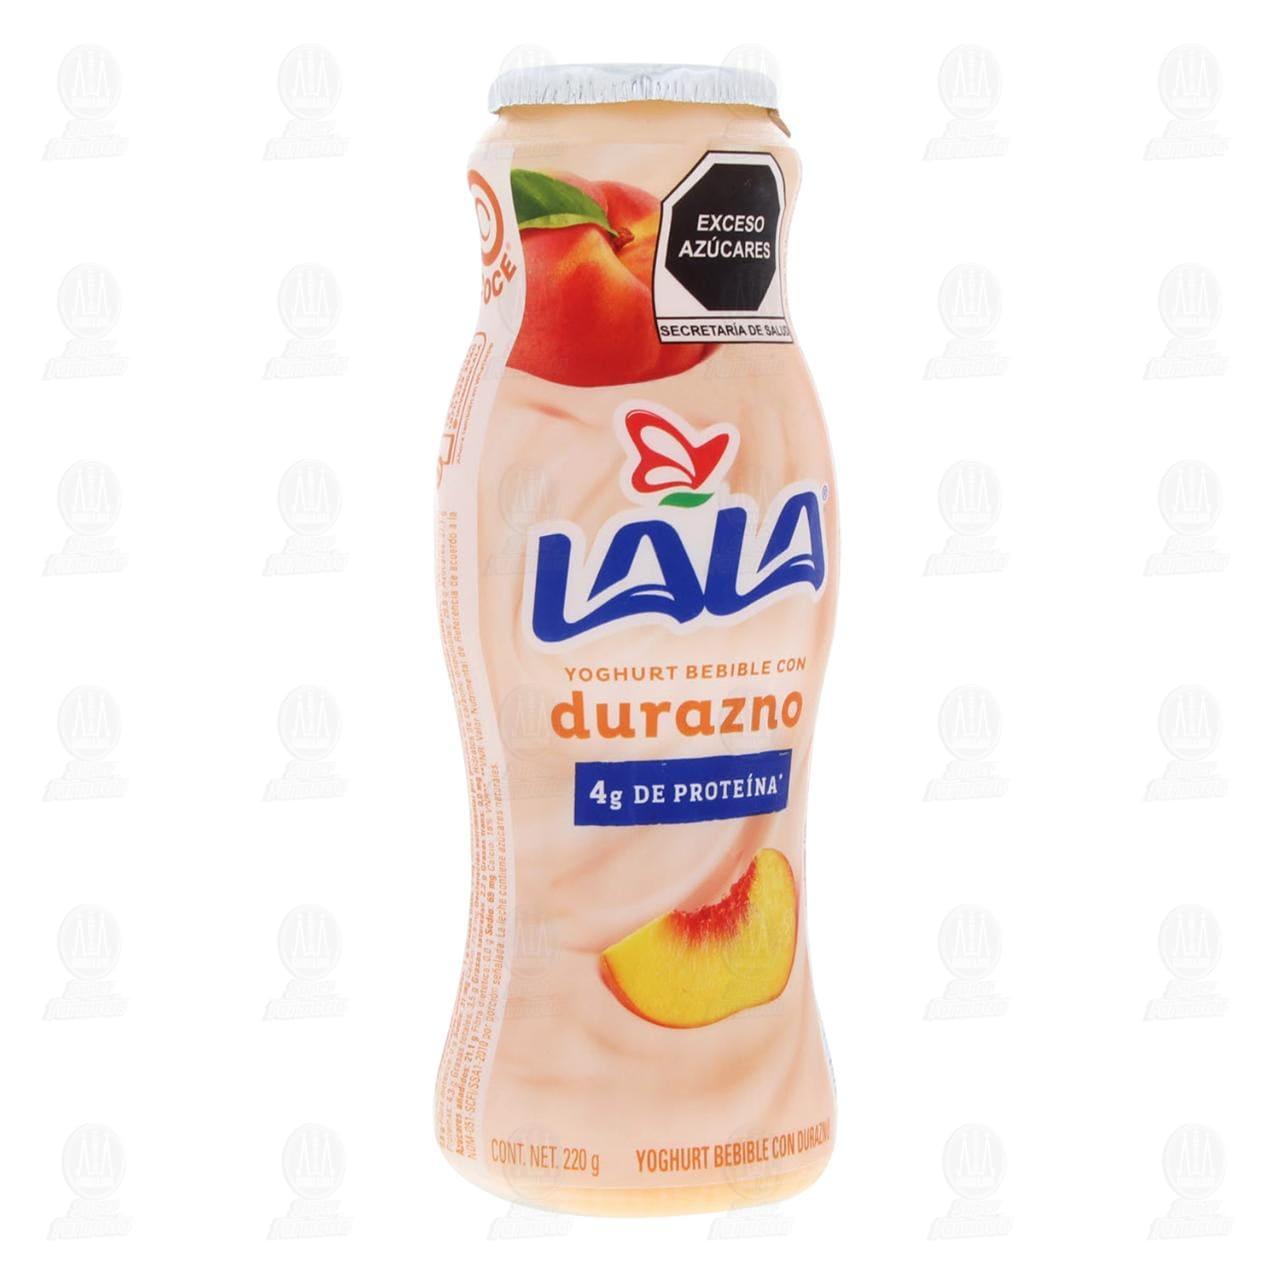 Yoghurt Bebible Lala con Durazno, 240 gr.